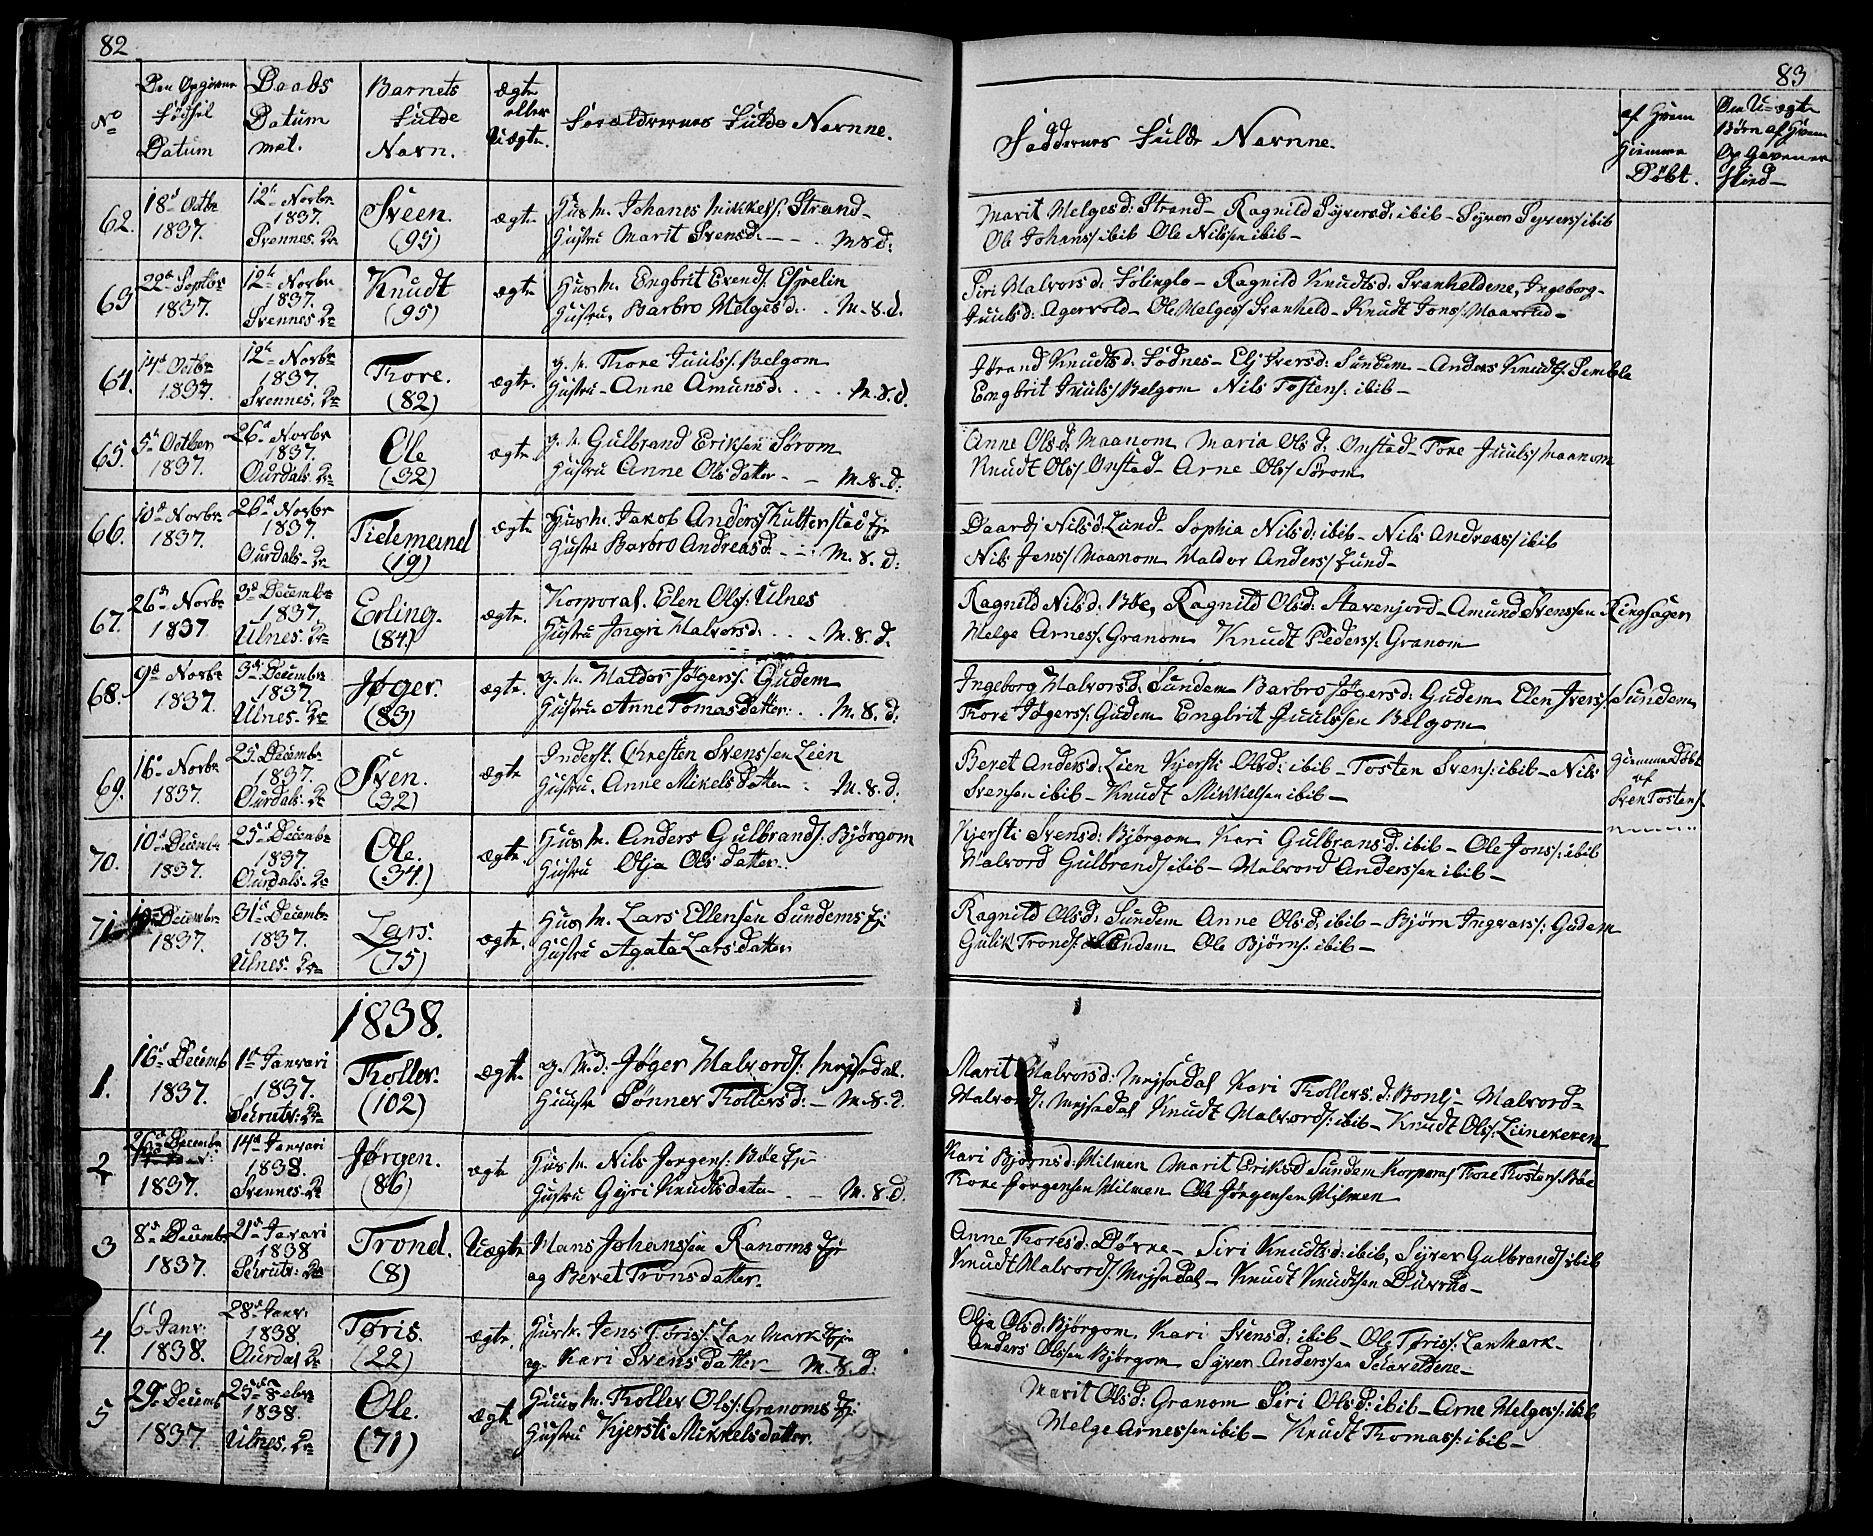 SAH, Nord-Aurdal prestekontor, Klokkerbok nr. 1, 1834-1887, s. 82-83